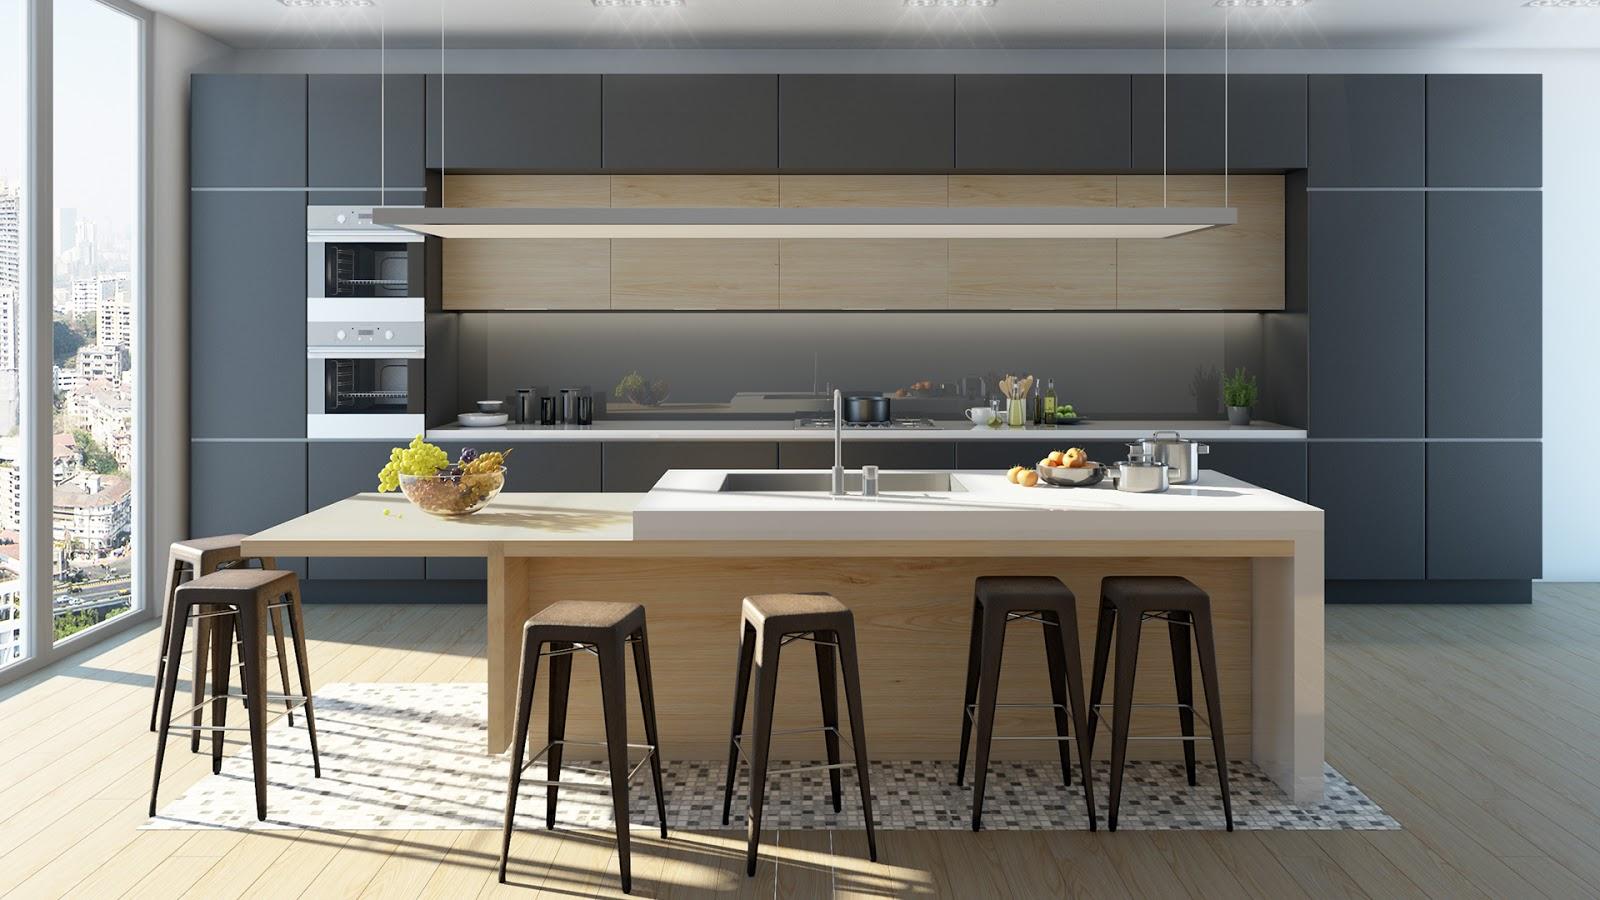 Wunderbar India Modulare Küche Design Bilder - Ideen Für Die Küche ...